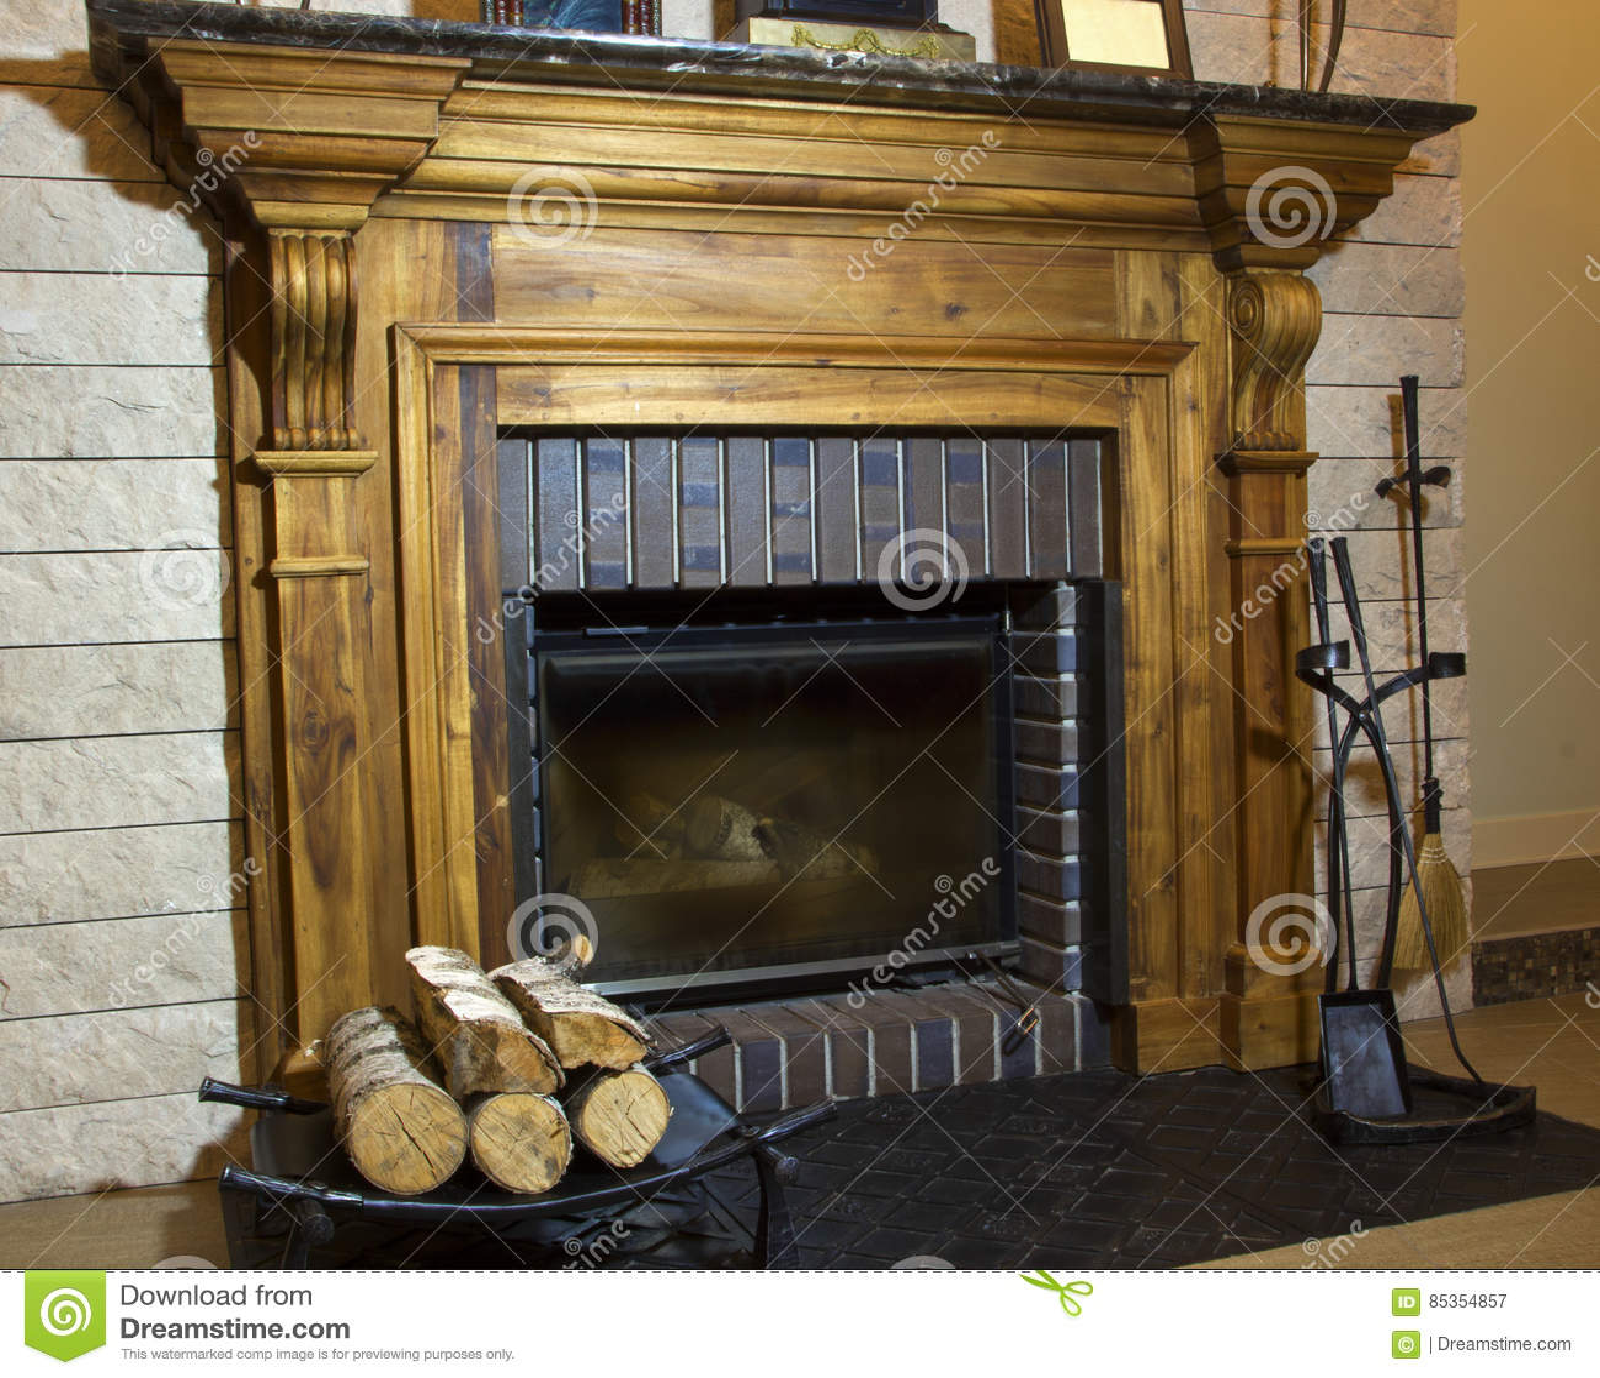 Kamin Mit Wand Stockbild Bild Von Wand Kamin 85354857